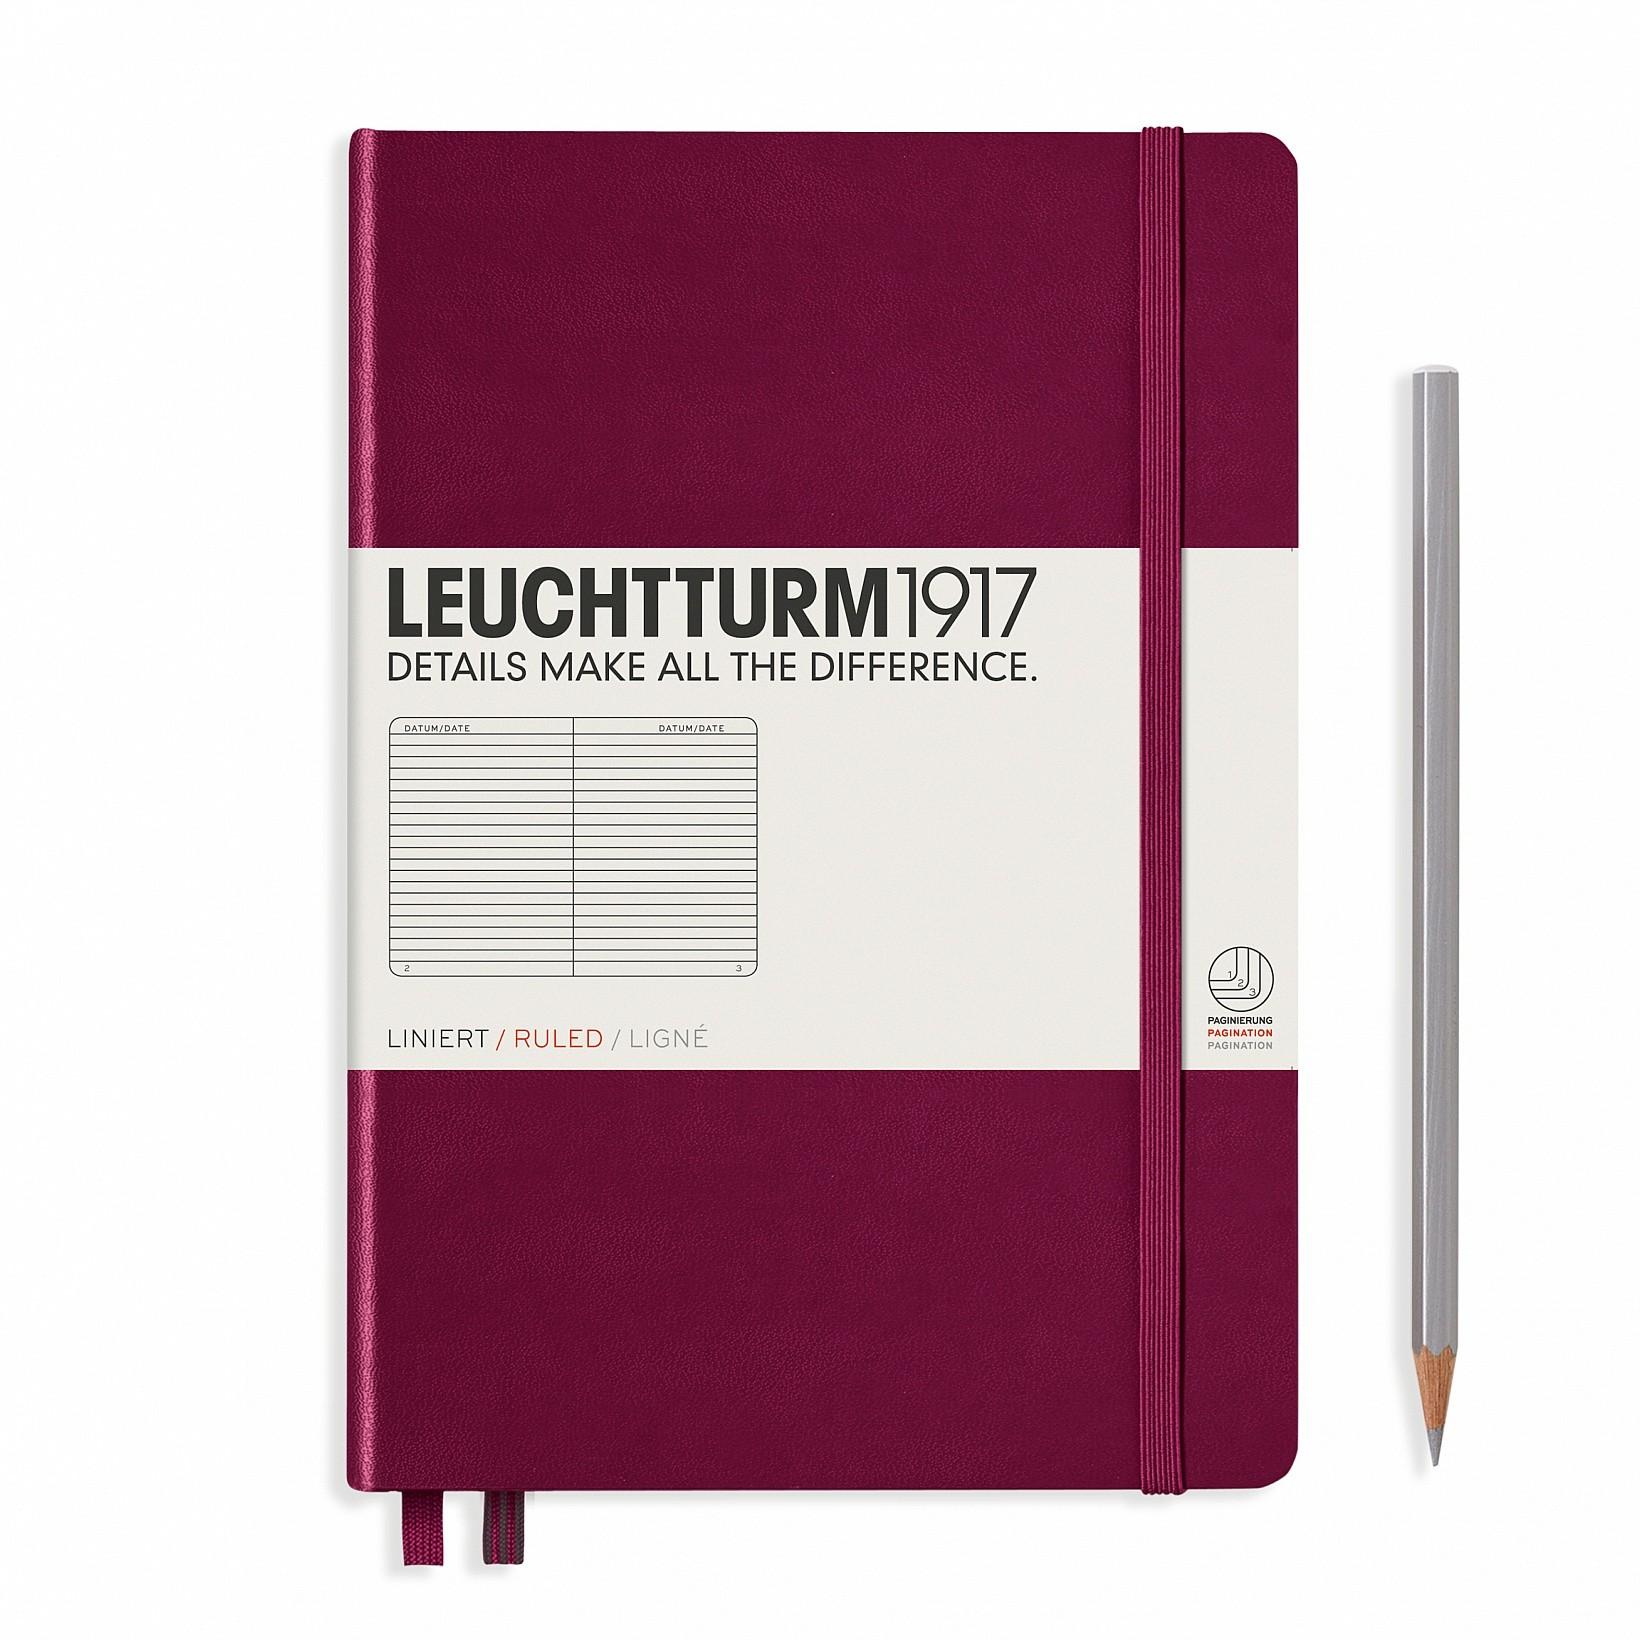 Leuchtturm 1917 A5 Hardcover Journal Port Red